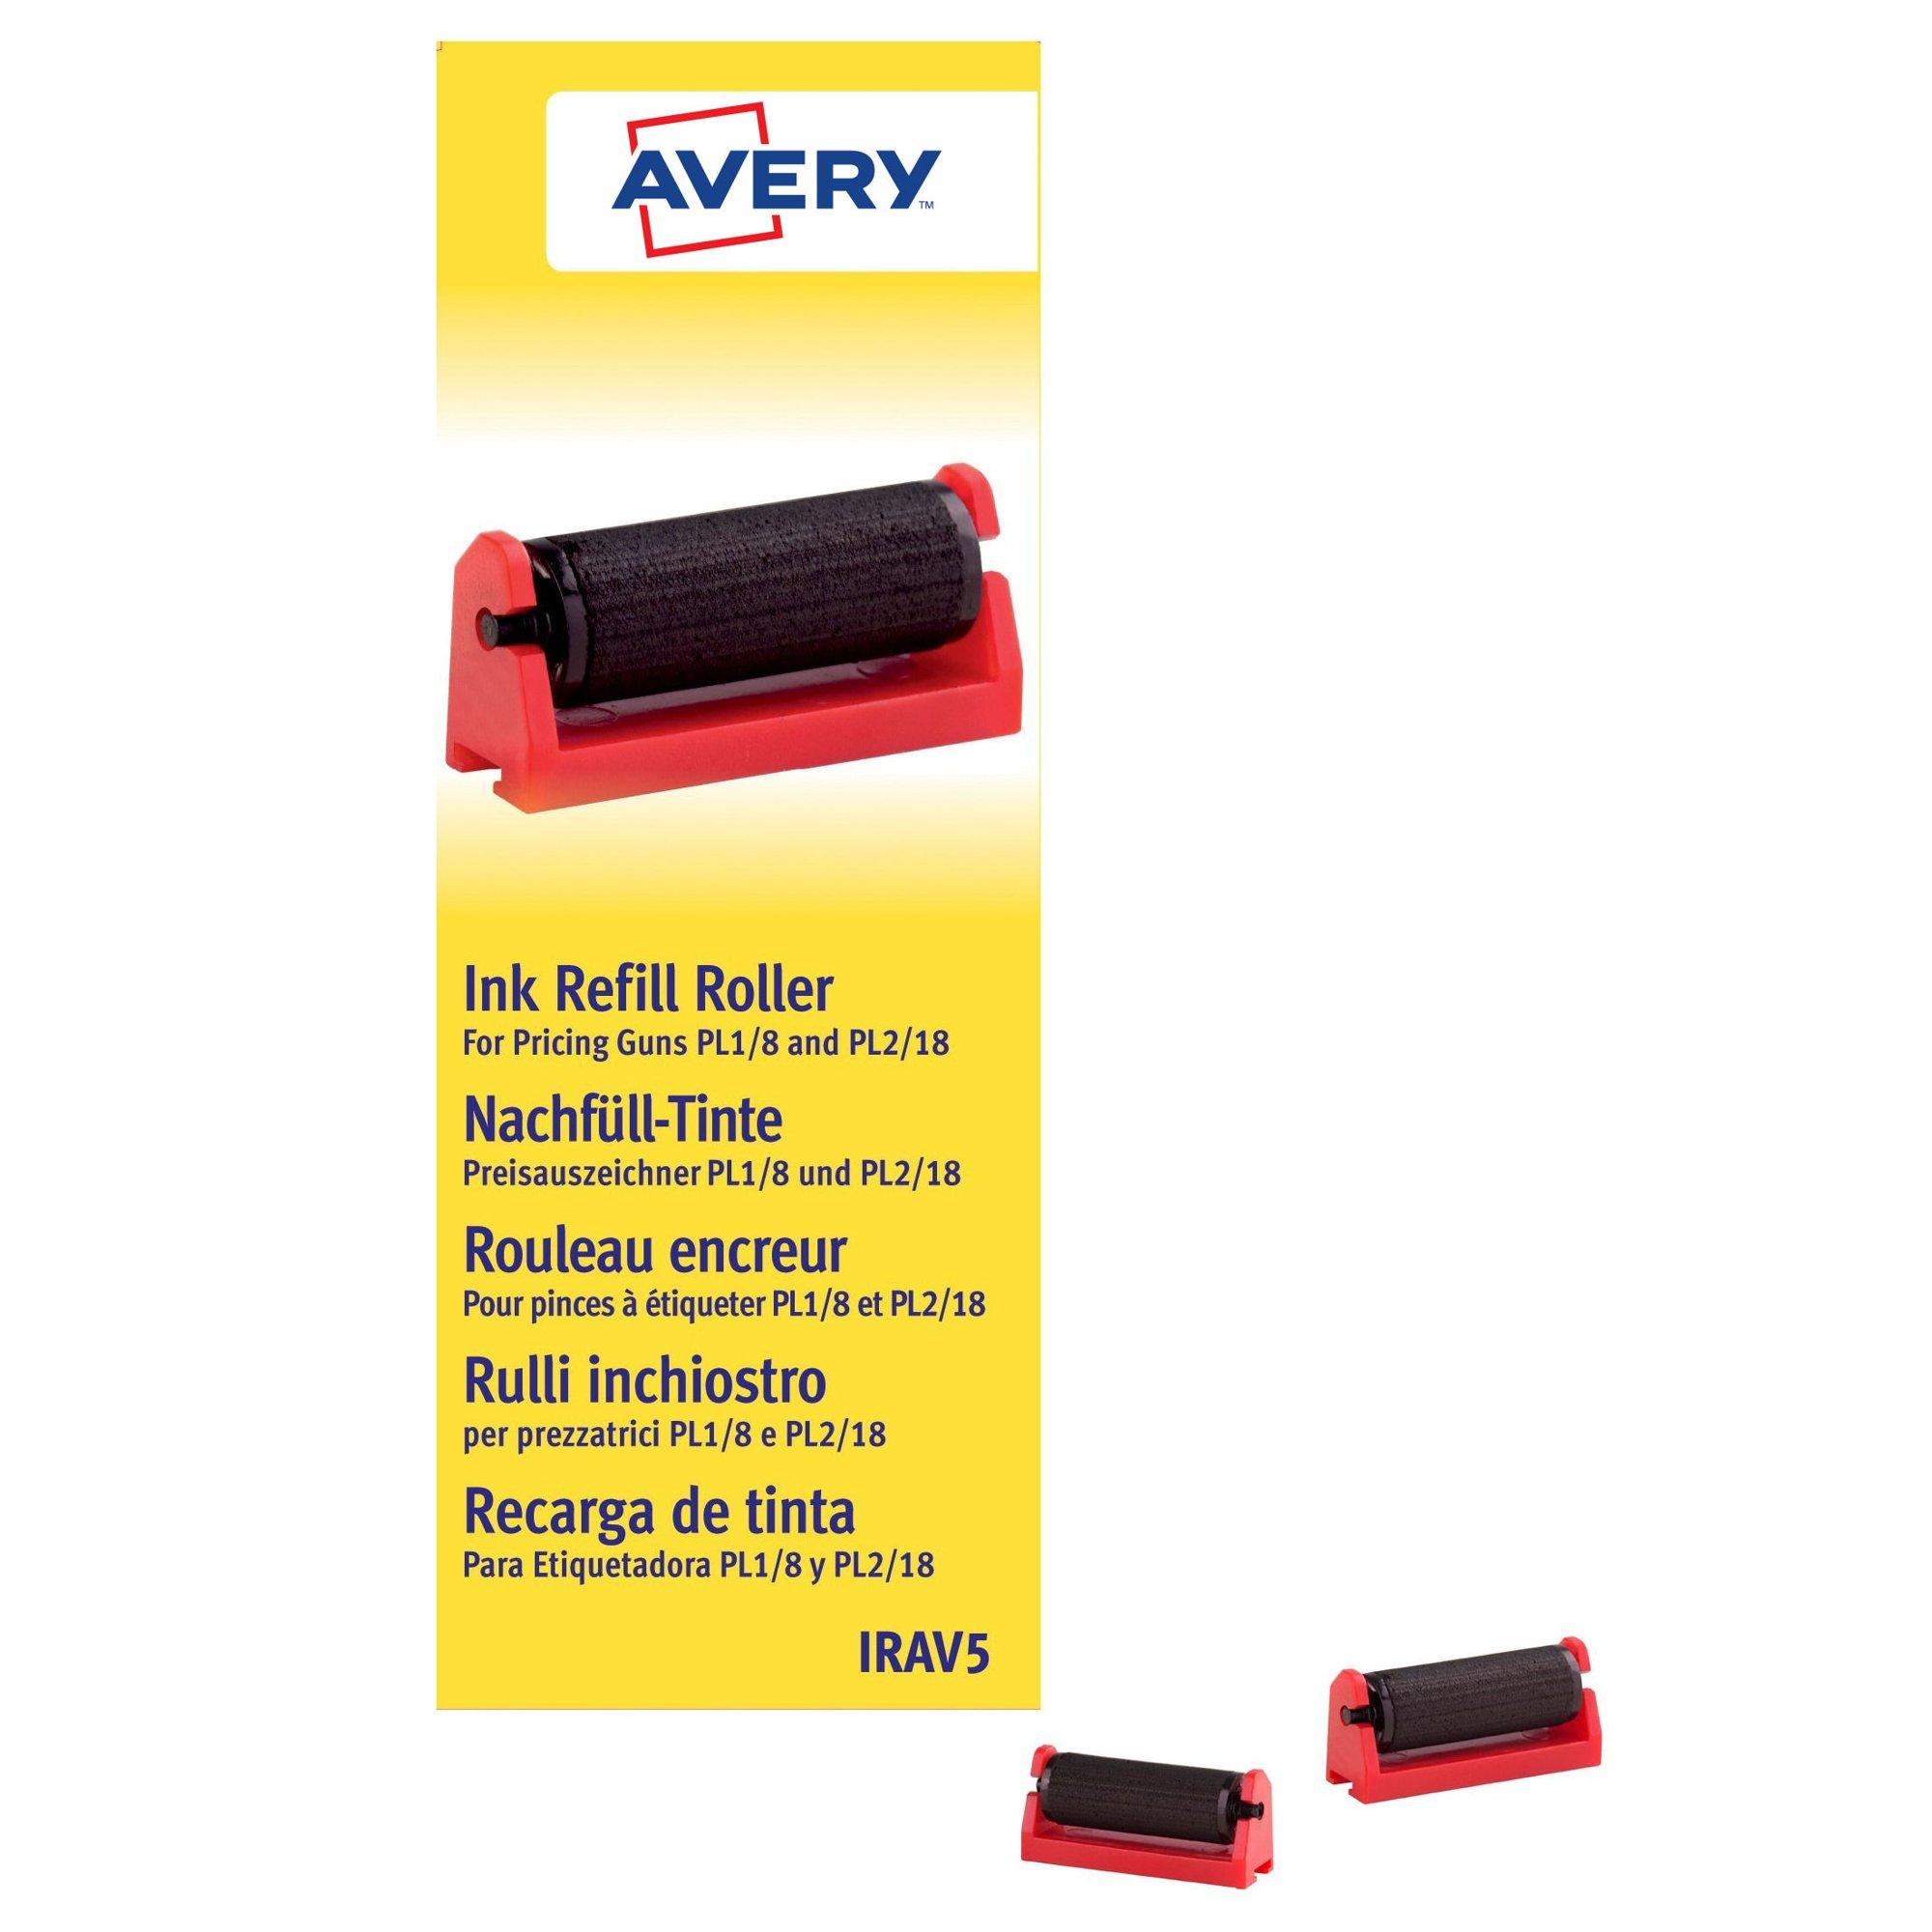 Image for Avery Labelling Gun Ink Refill (5) IRAV5